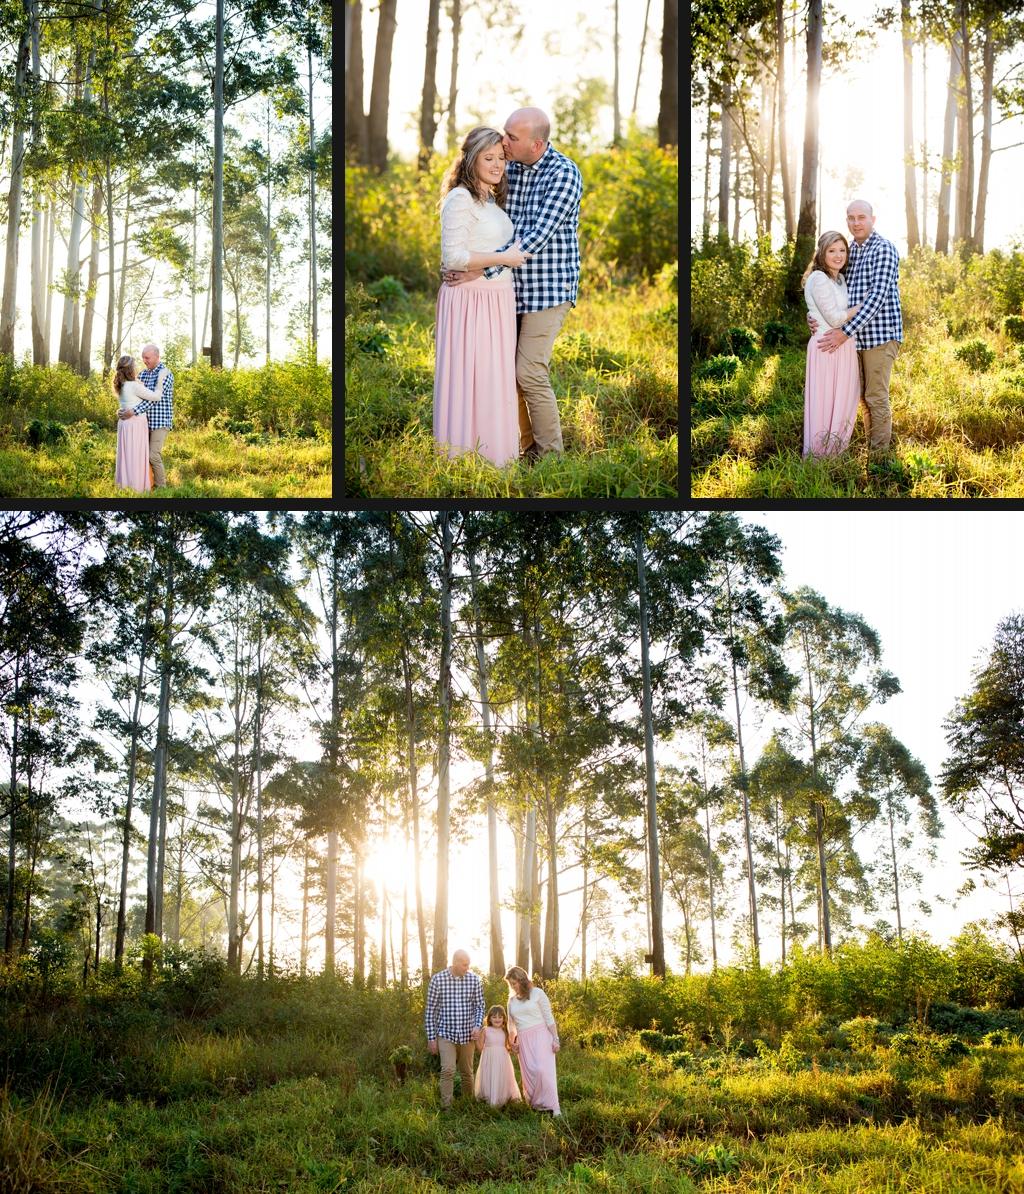 family shoot - Hillcrest for Rico, Roxanne and Abigael by Aimee Hofmann photographer, Durban family photographer